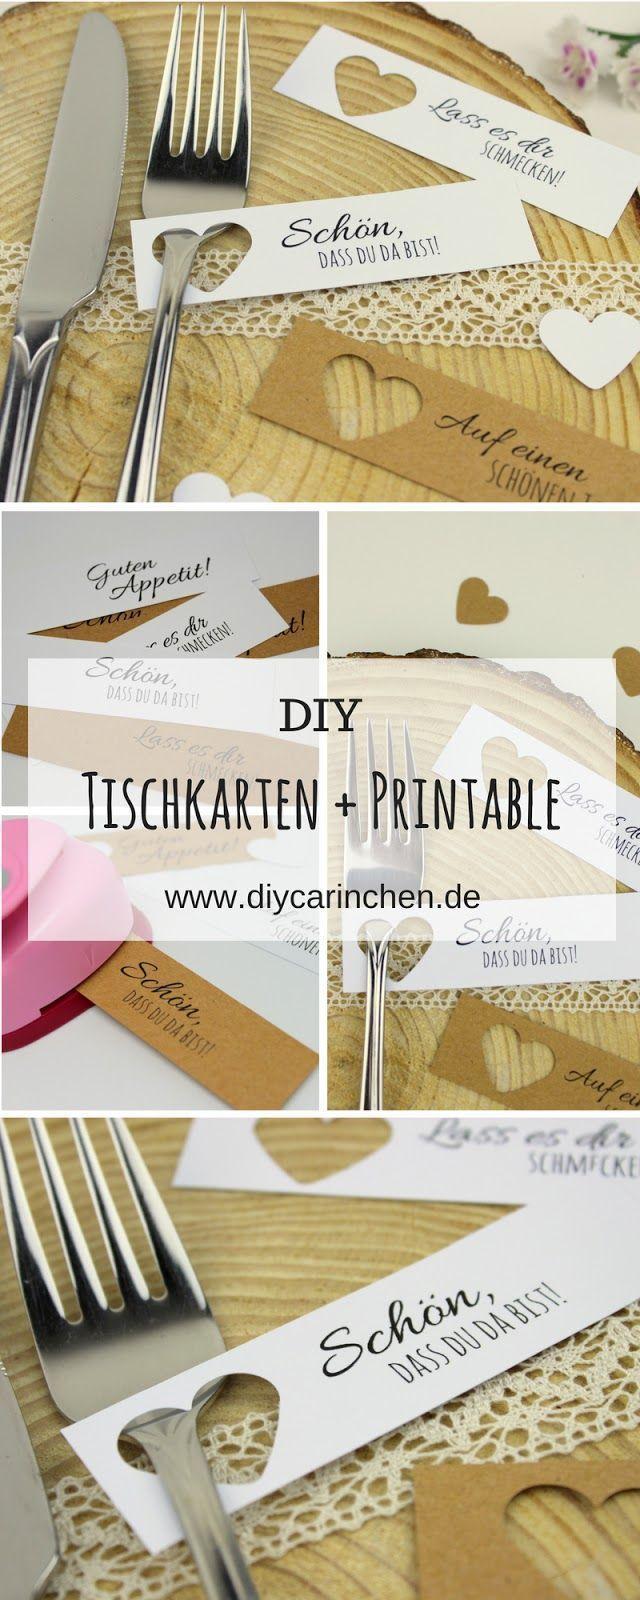 Diy Tischkarten Ganz Einfach Selber Machen 5 Kostenlose Vorlagen Ideal Fur Die Perfekte Hochzeit Diy Ba In 2020 Diy Place Cards Diy Table Cards Wedding Templates